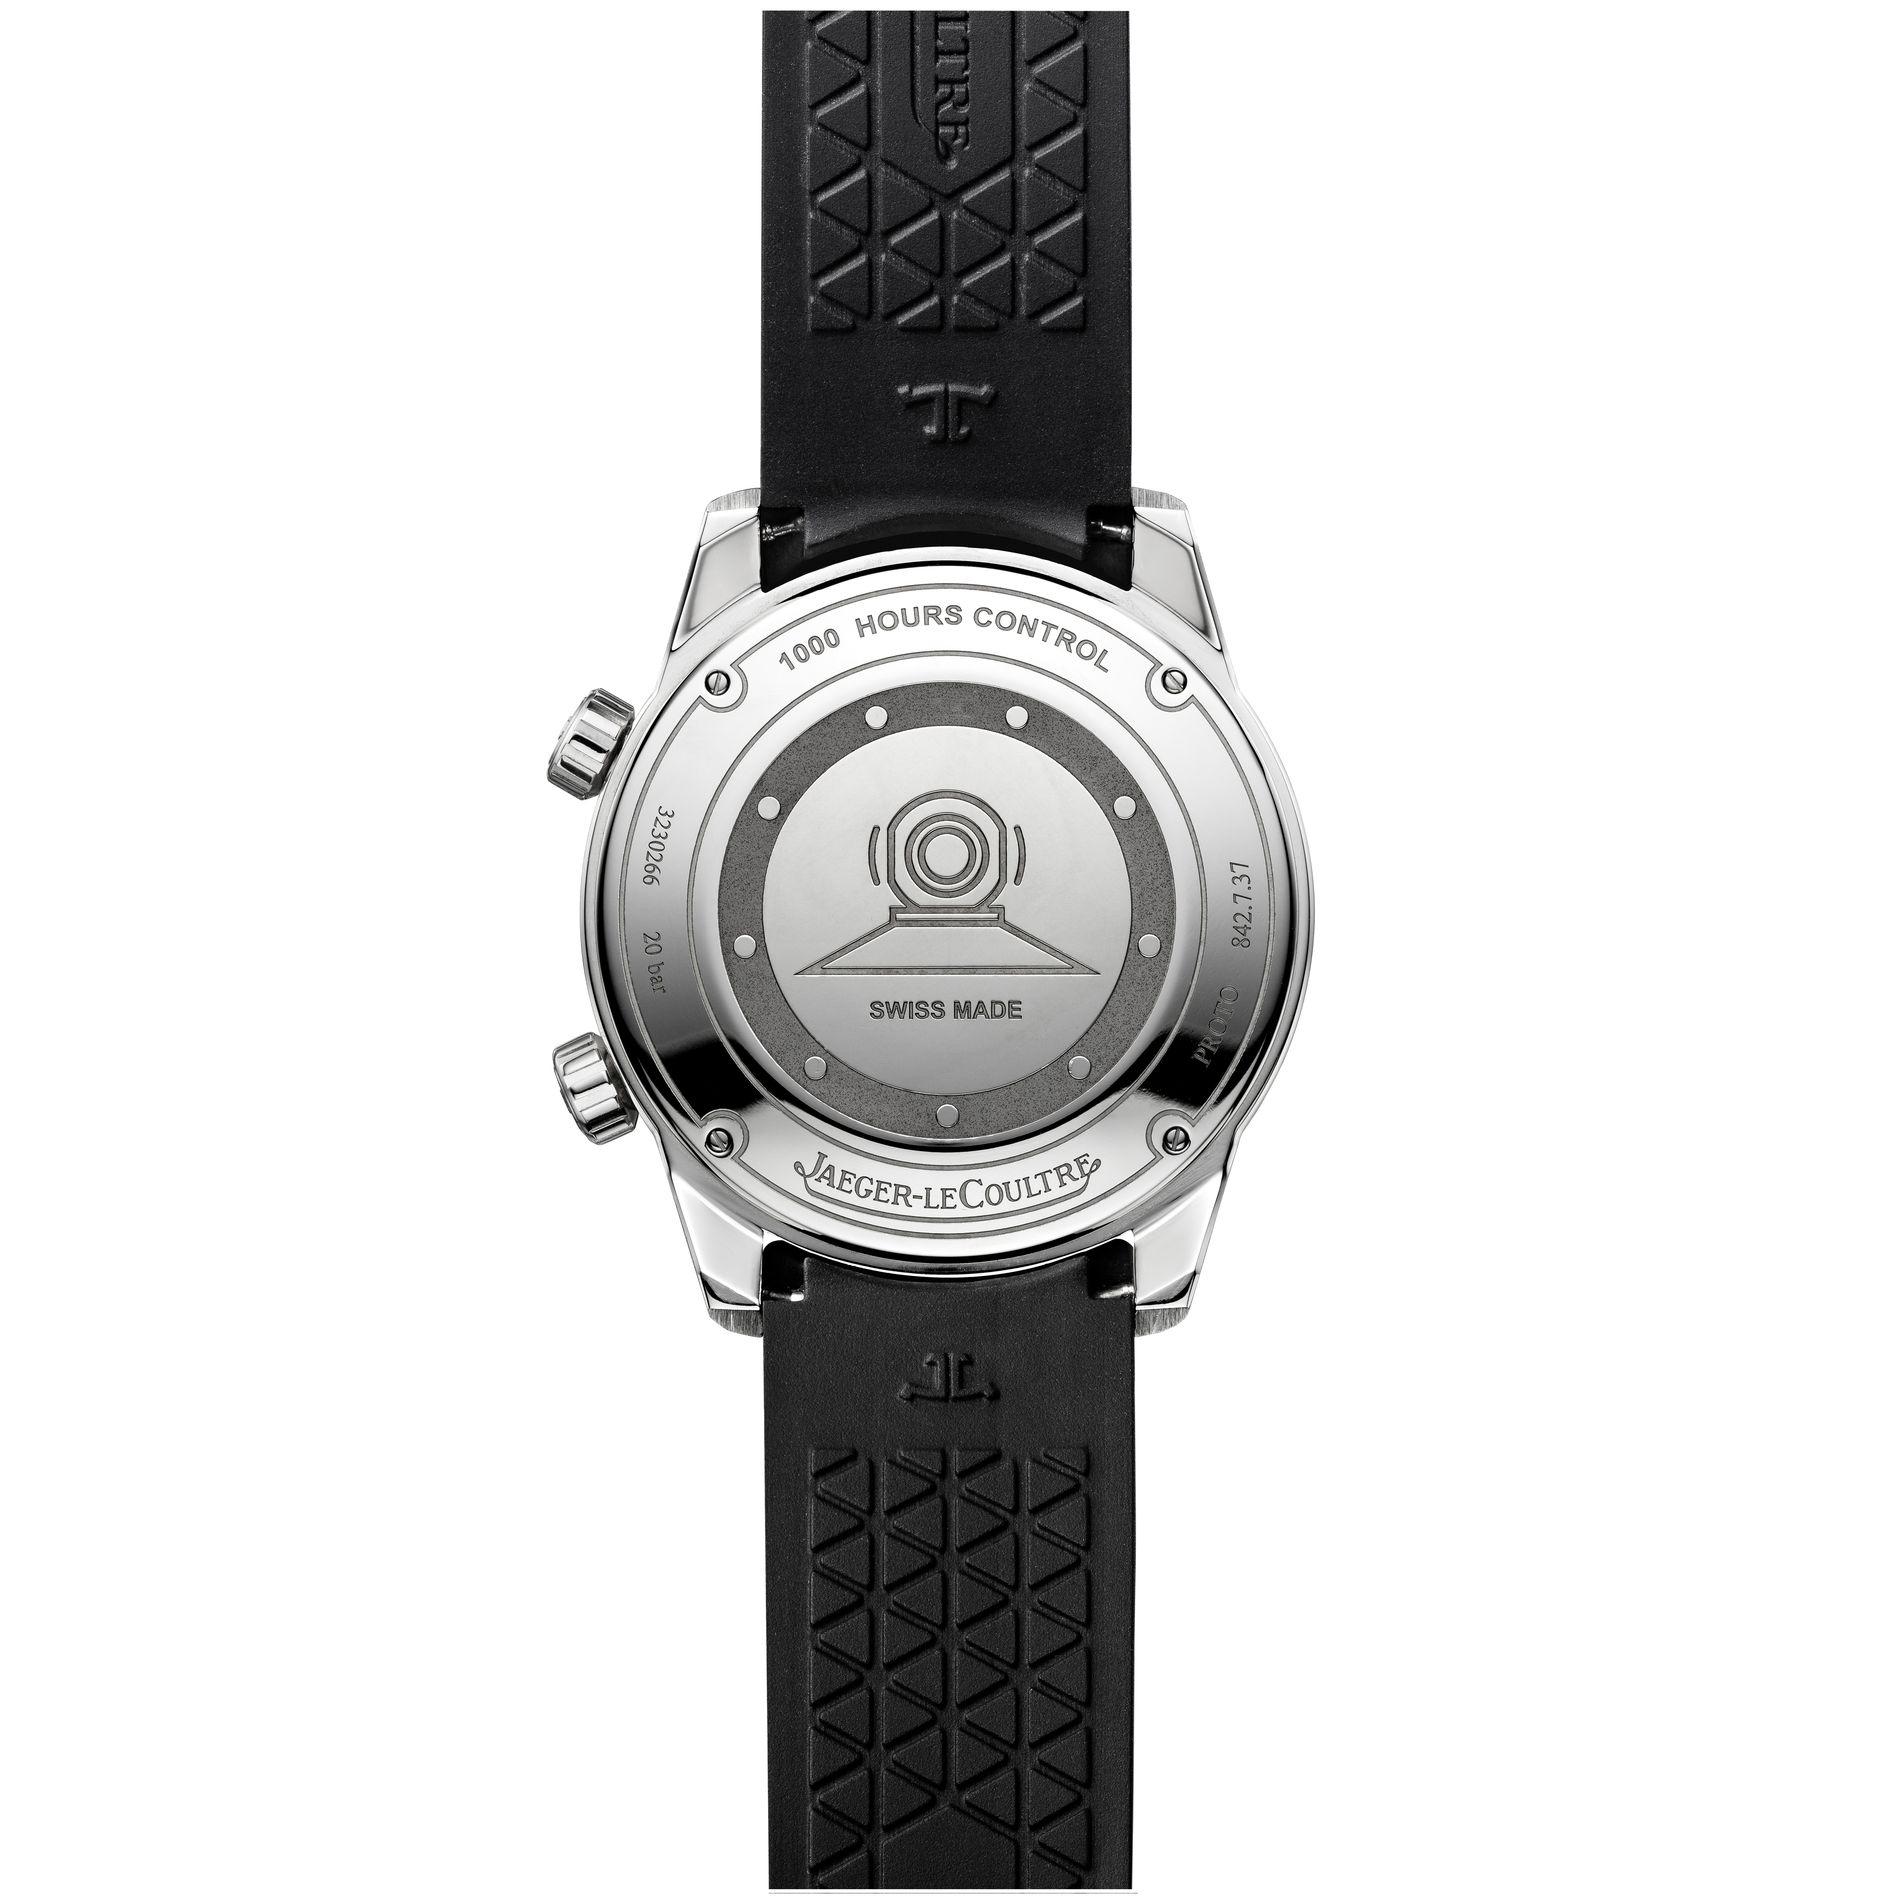 Jaeger-LeCoultre Polaris Date - case back